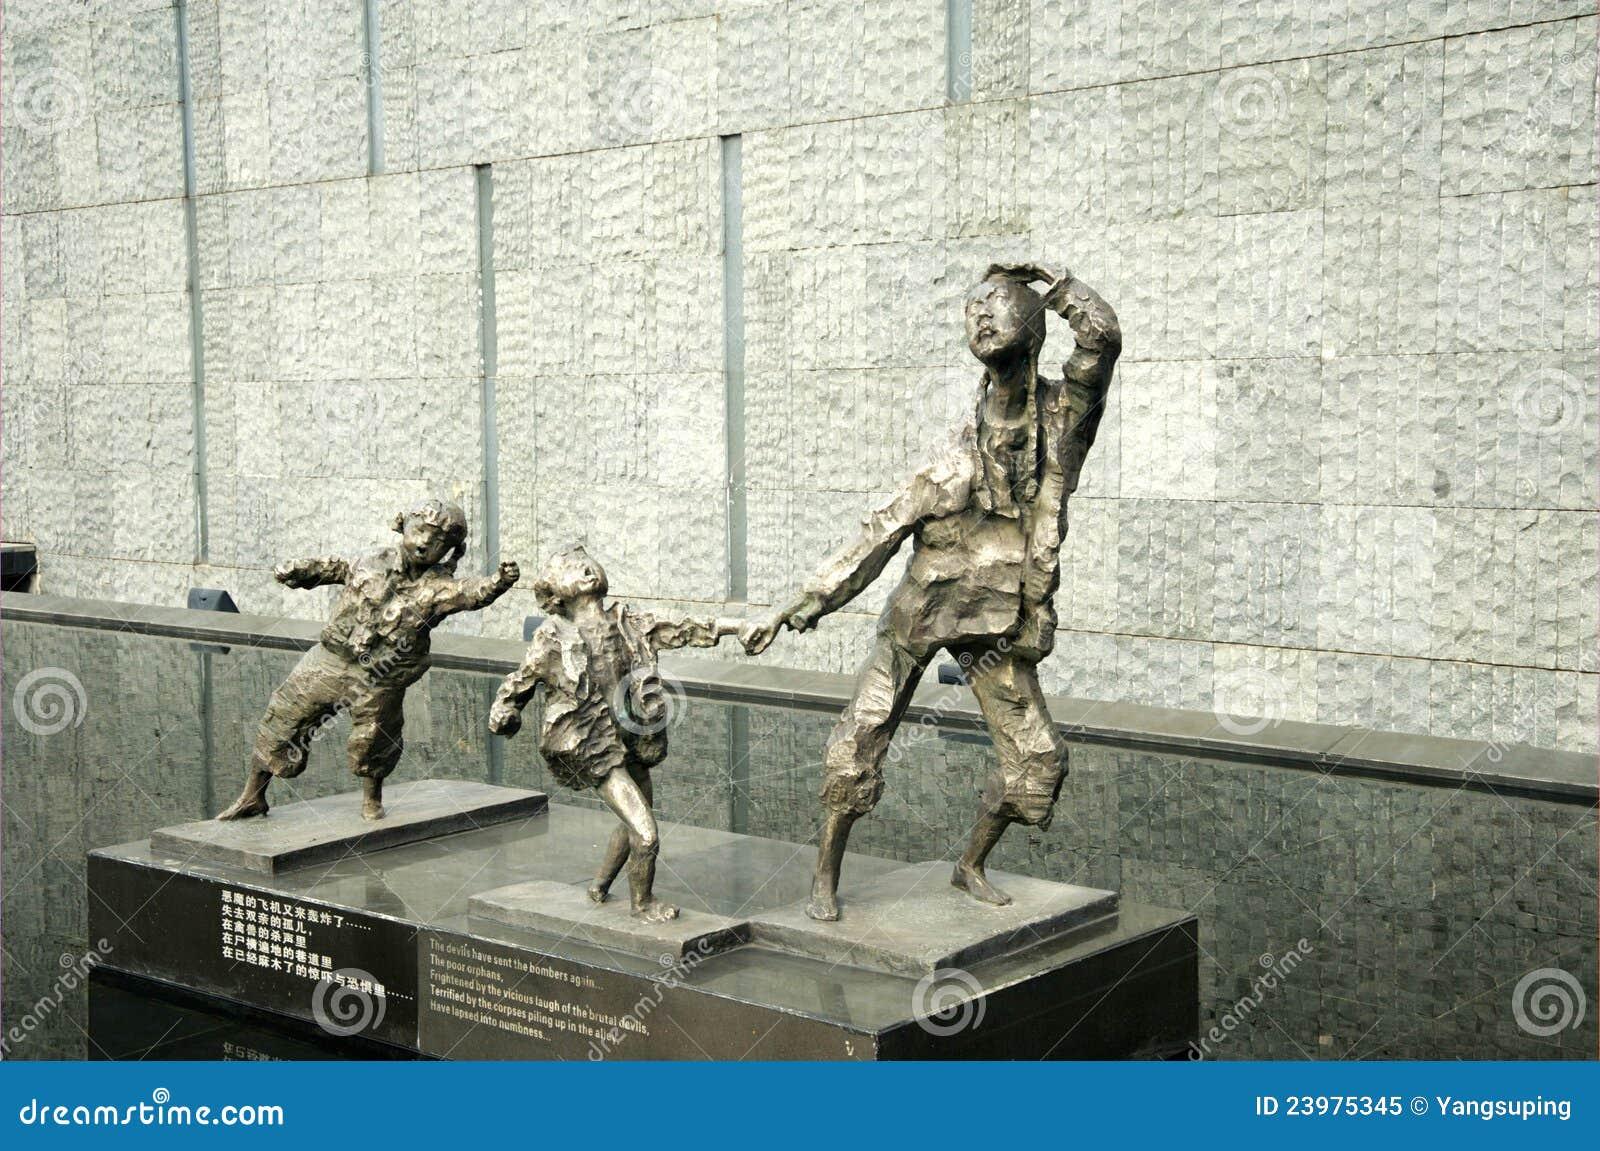 Nangjing Massacre